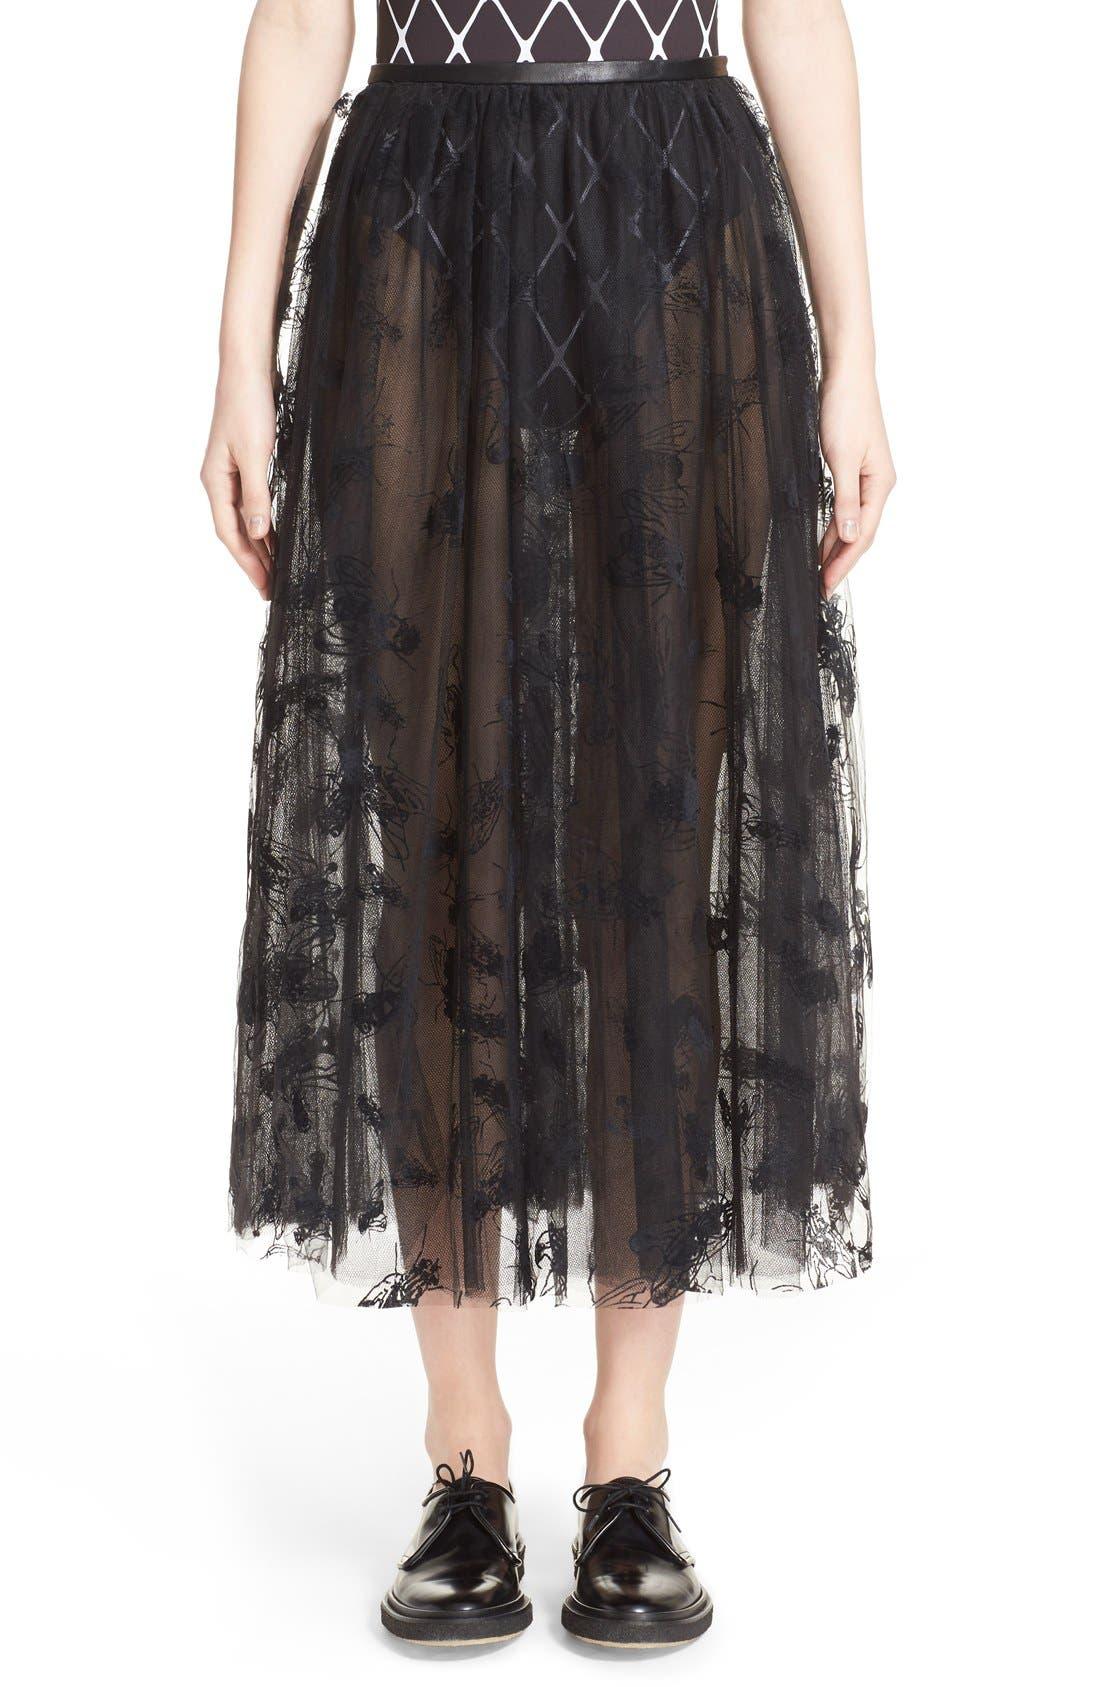 Alternate Image 1  - Ashley Williams 'Flock Fly' Sheer Tulle Skirt